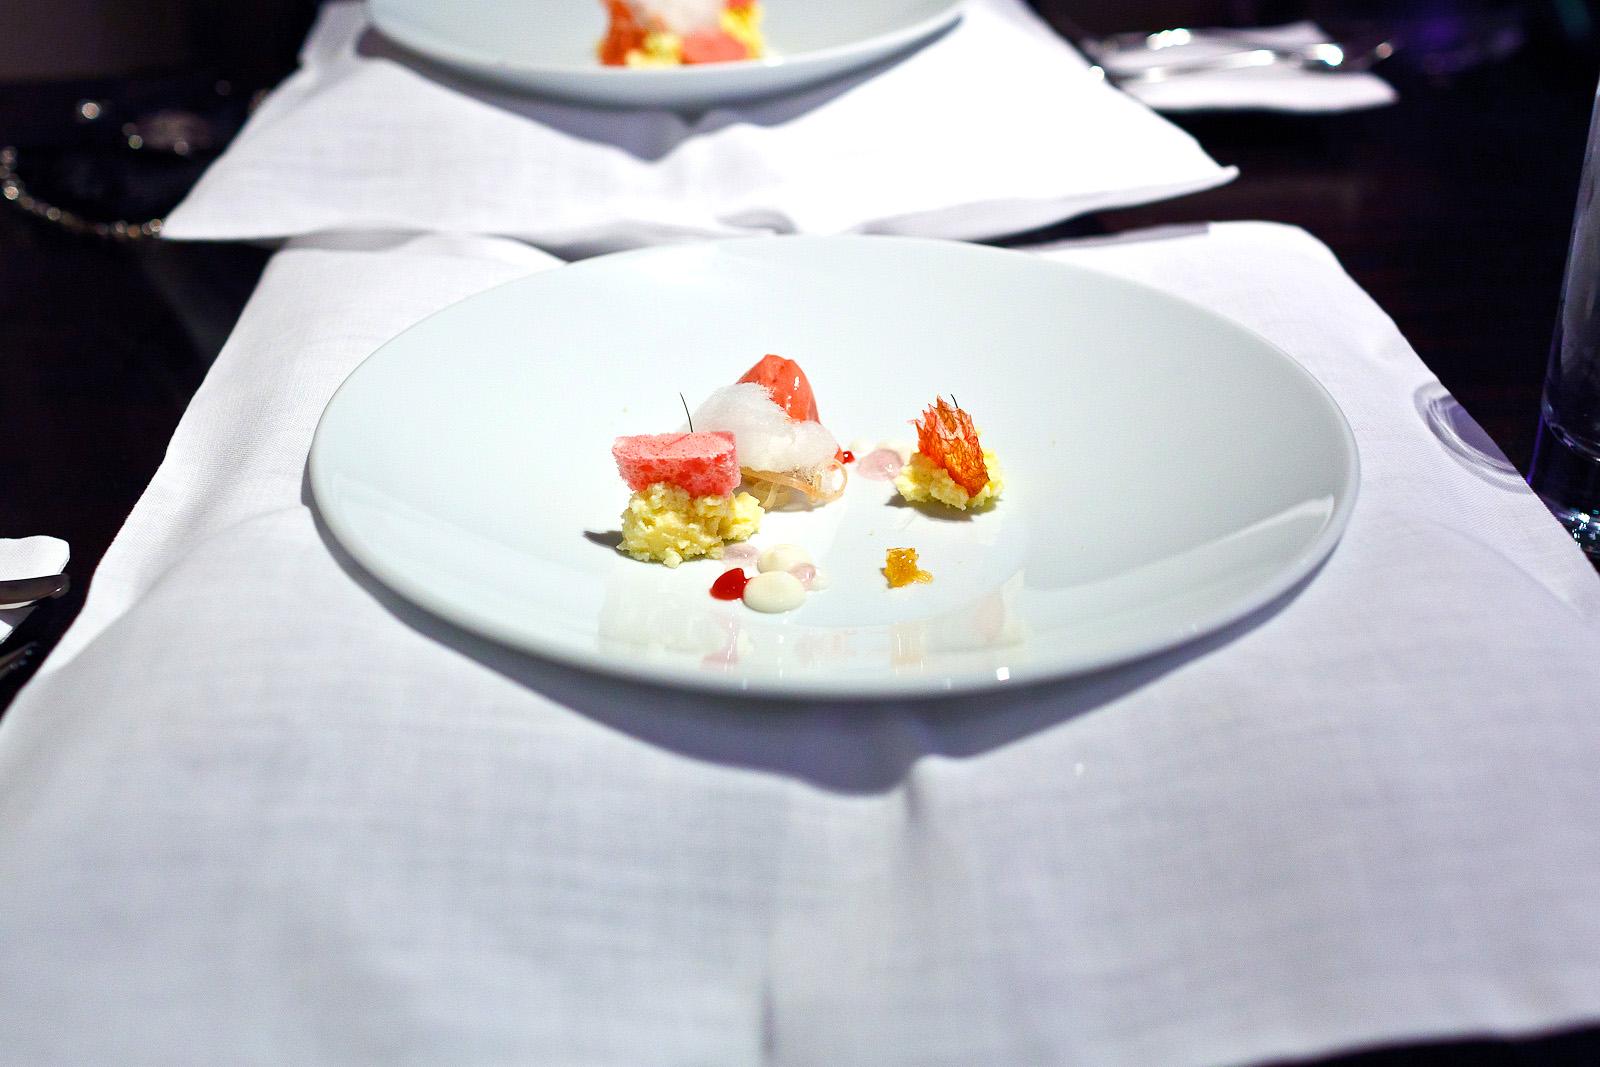 Alinea, Chicago - Rhubarb, cheesecake, onion, lavender air